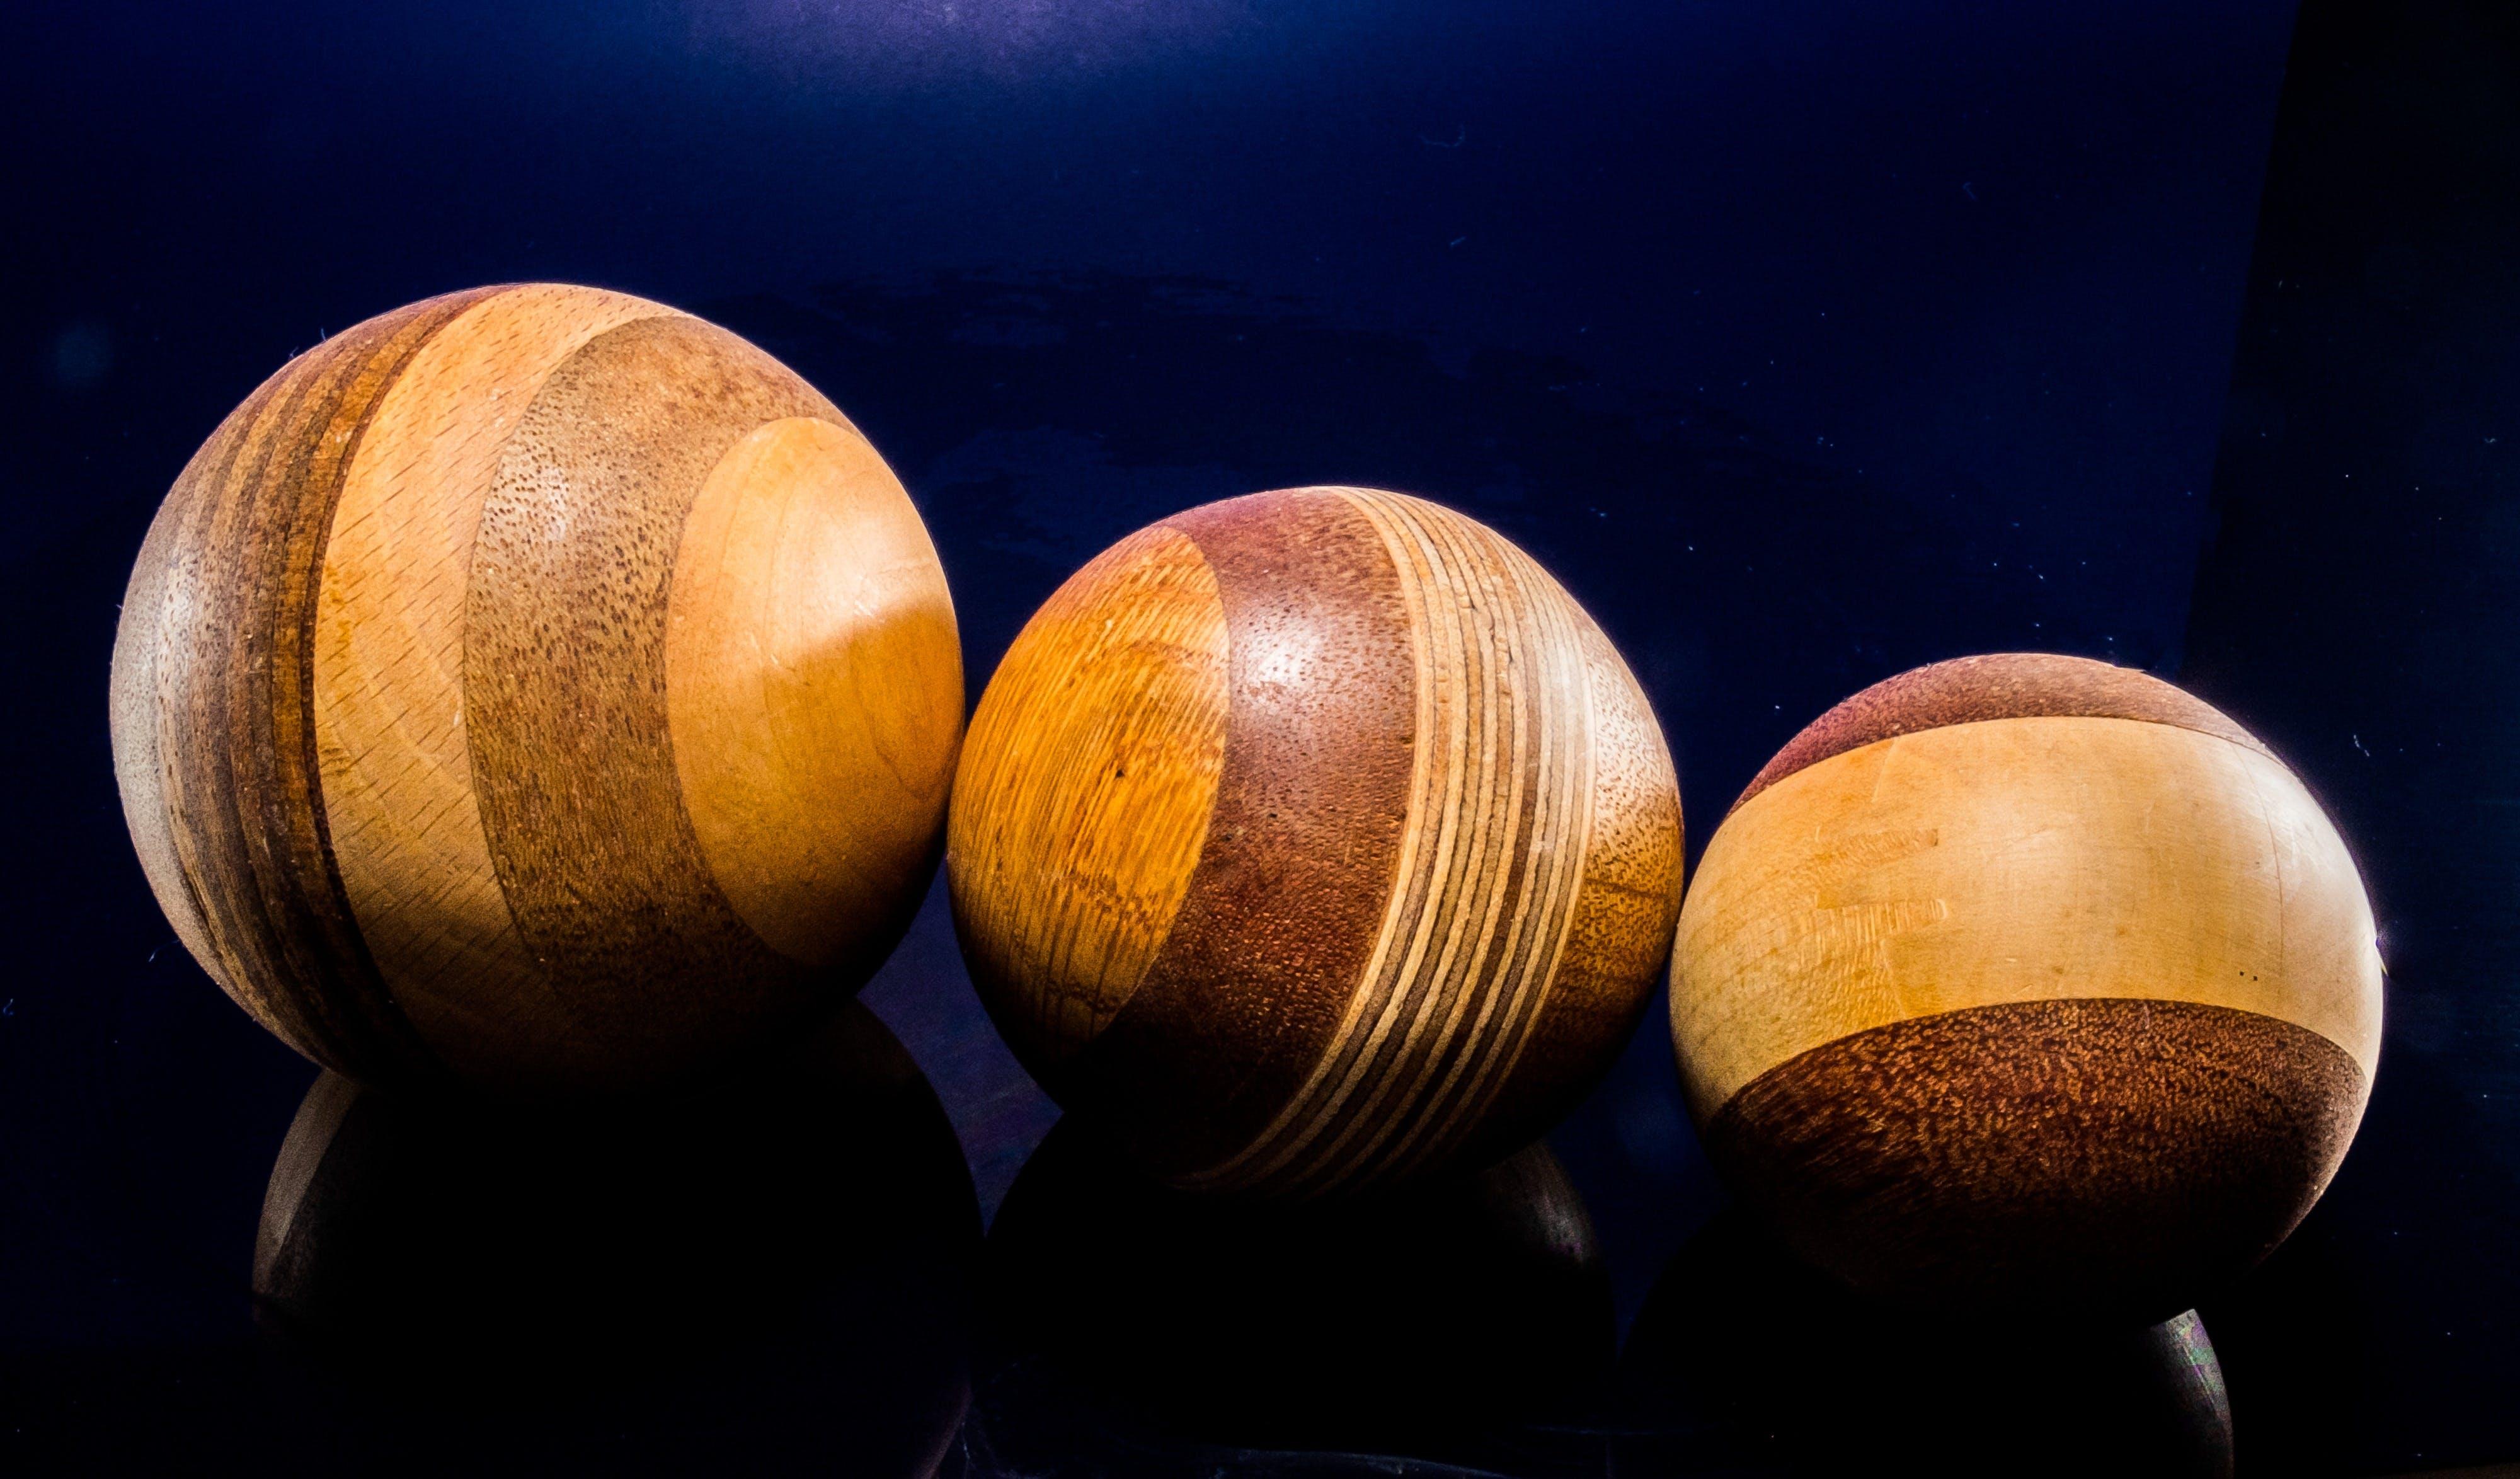 Brown Wooden Ball